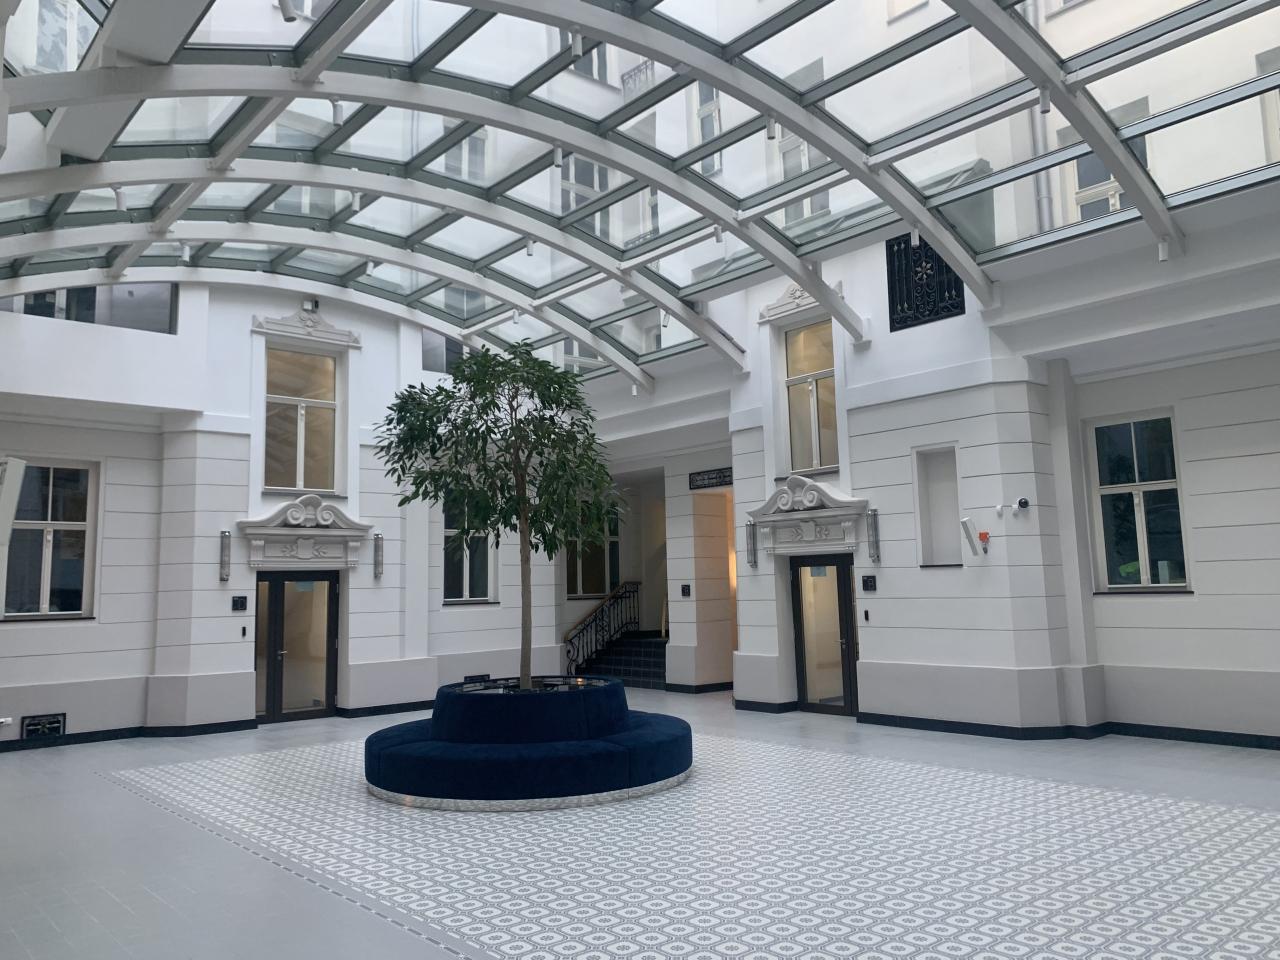 reprezentacyjne patio - widok z boku